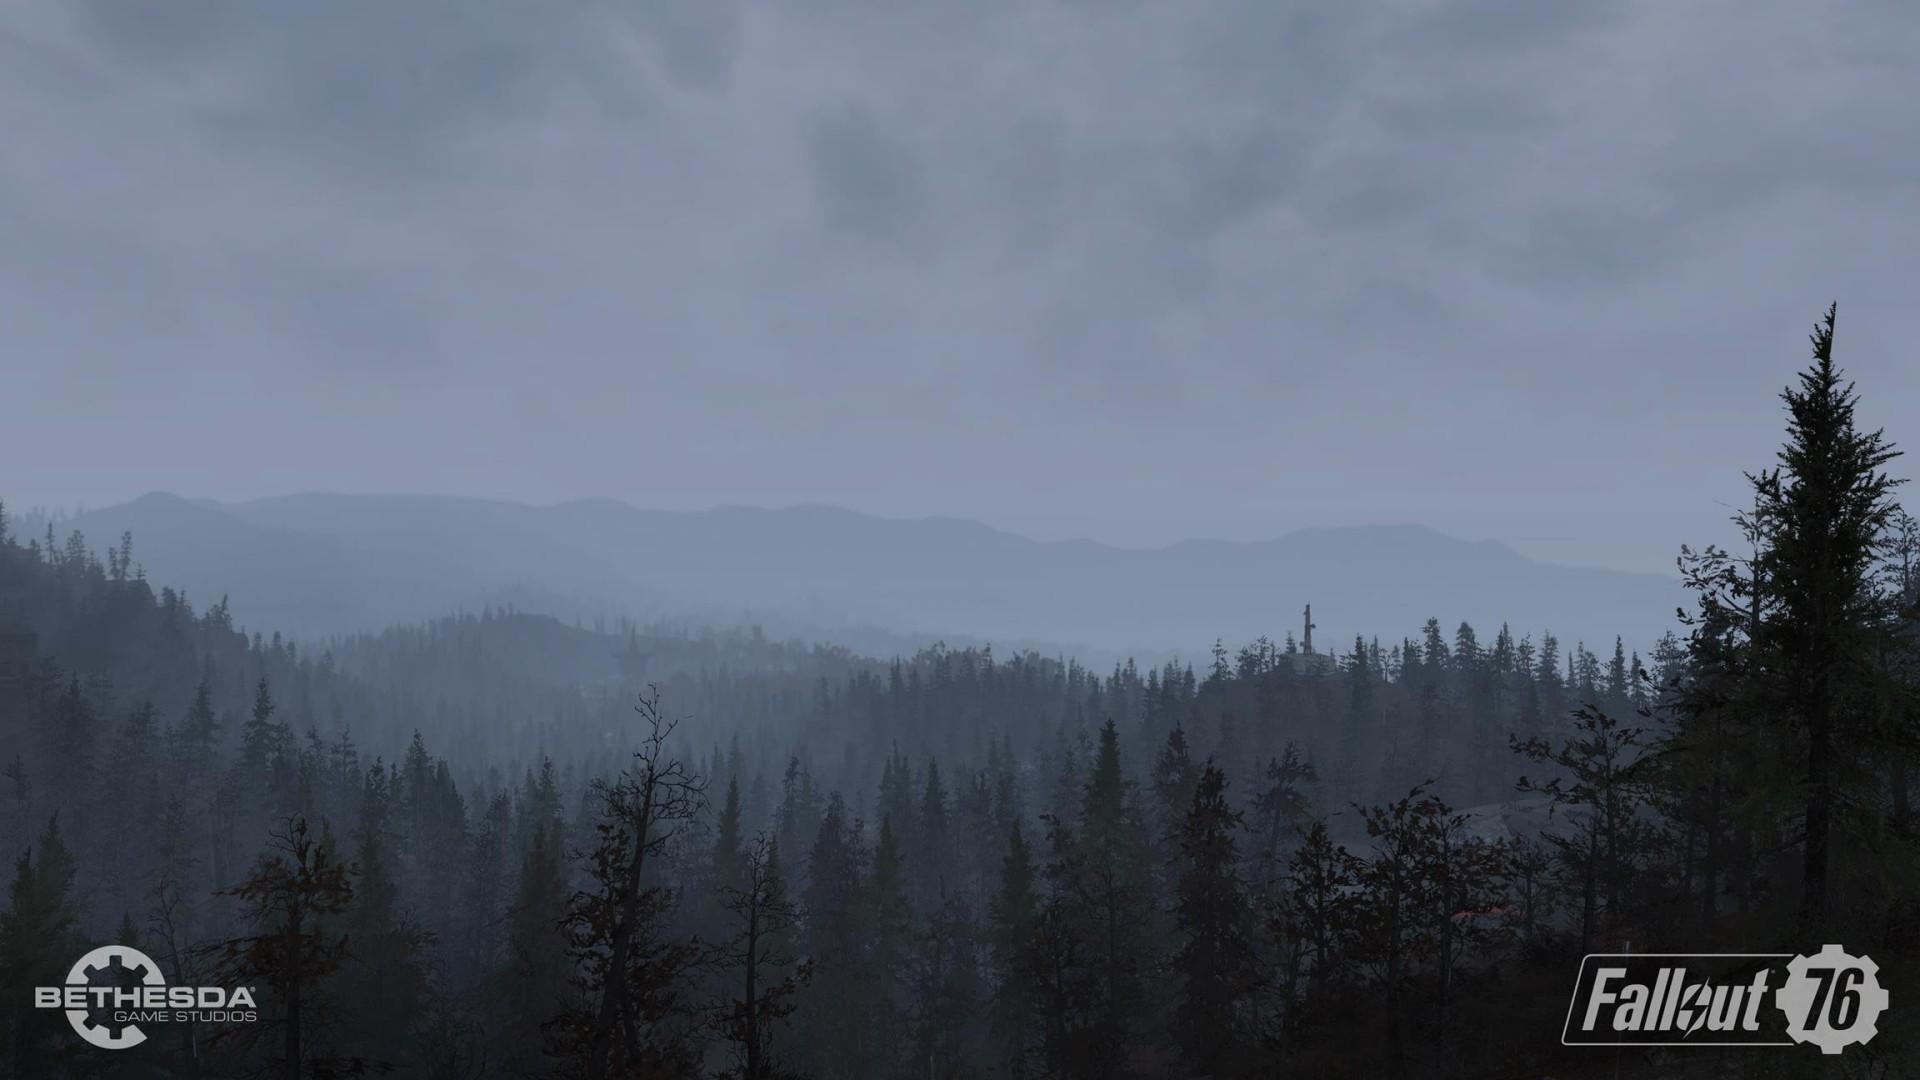 《辐射76》最新截图放出 风景如画!组队挑战怪物